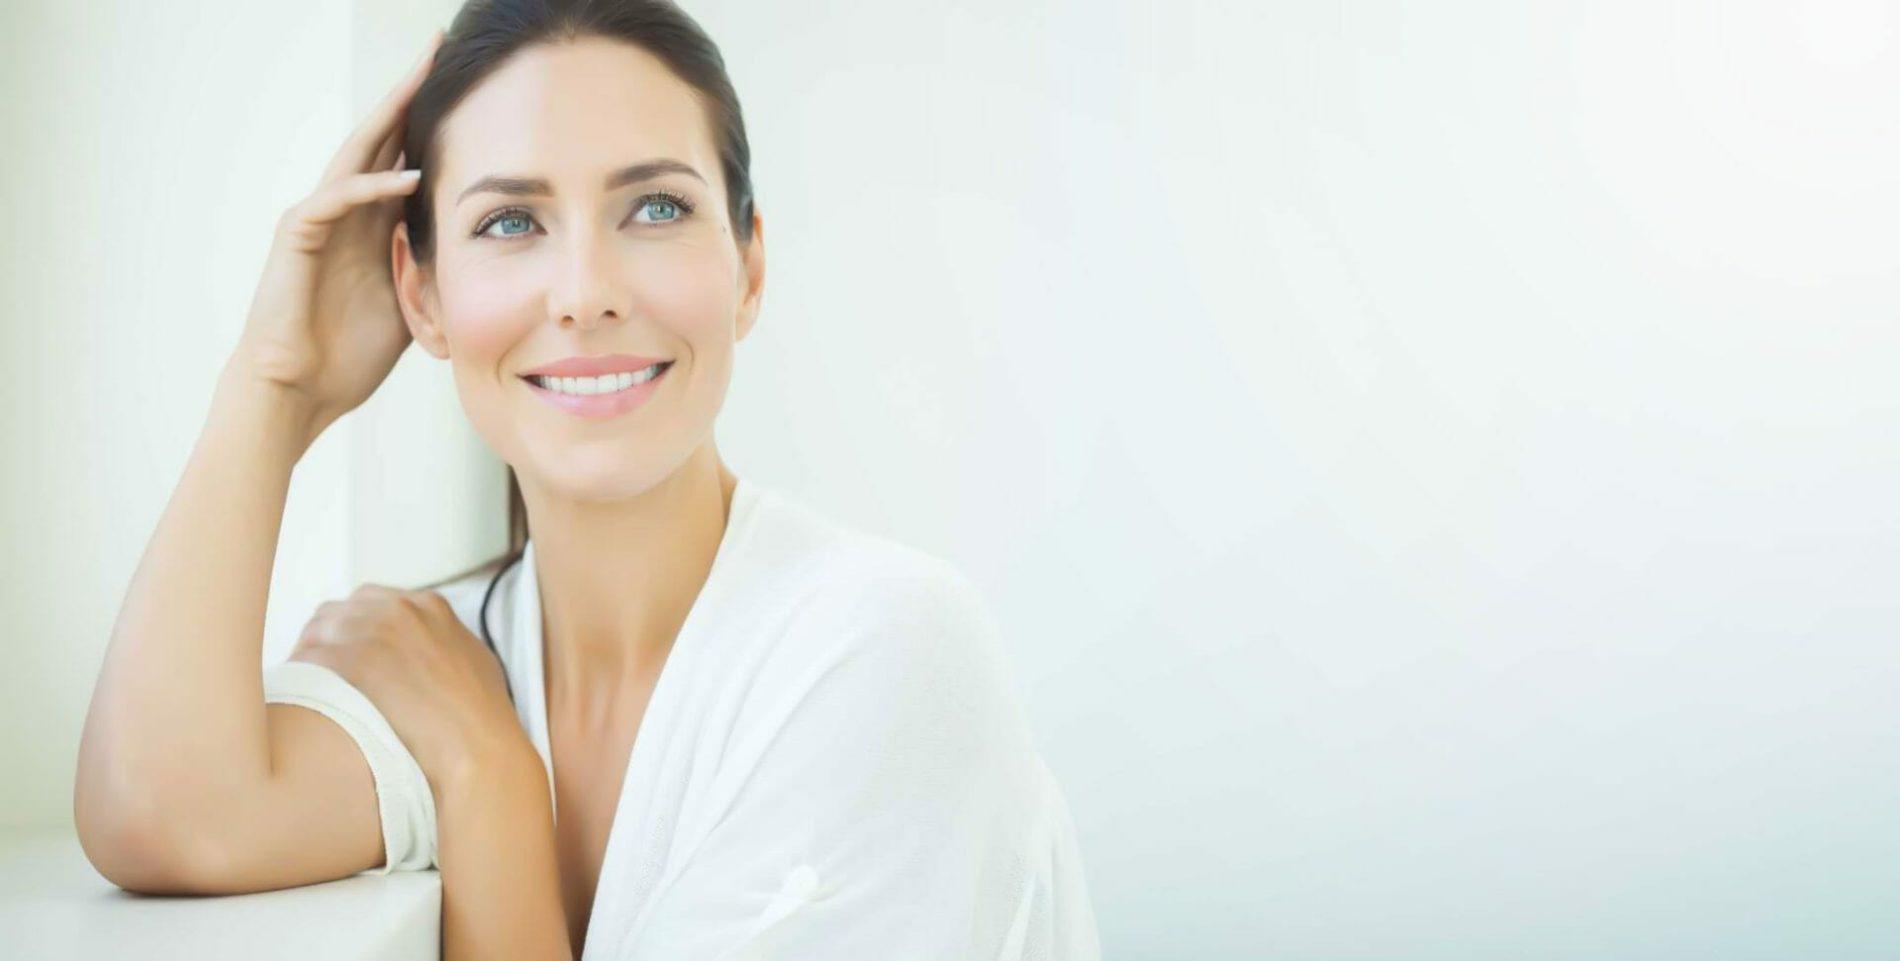 Oralift Woman Smile